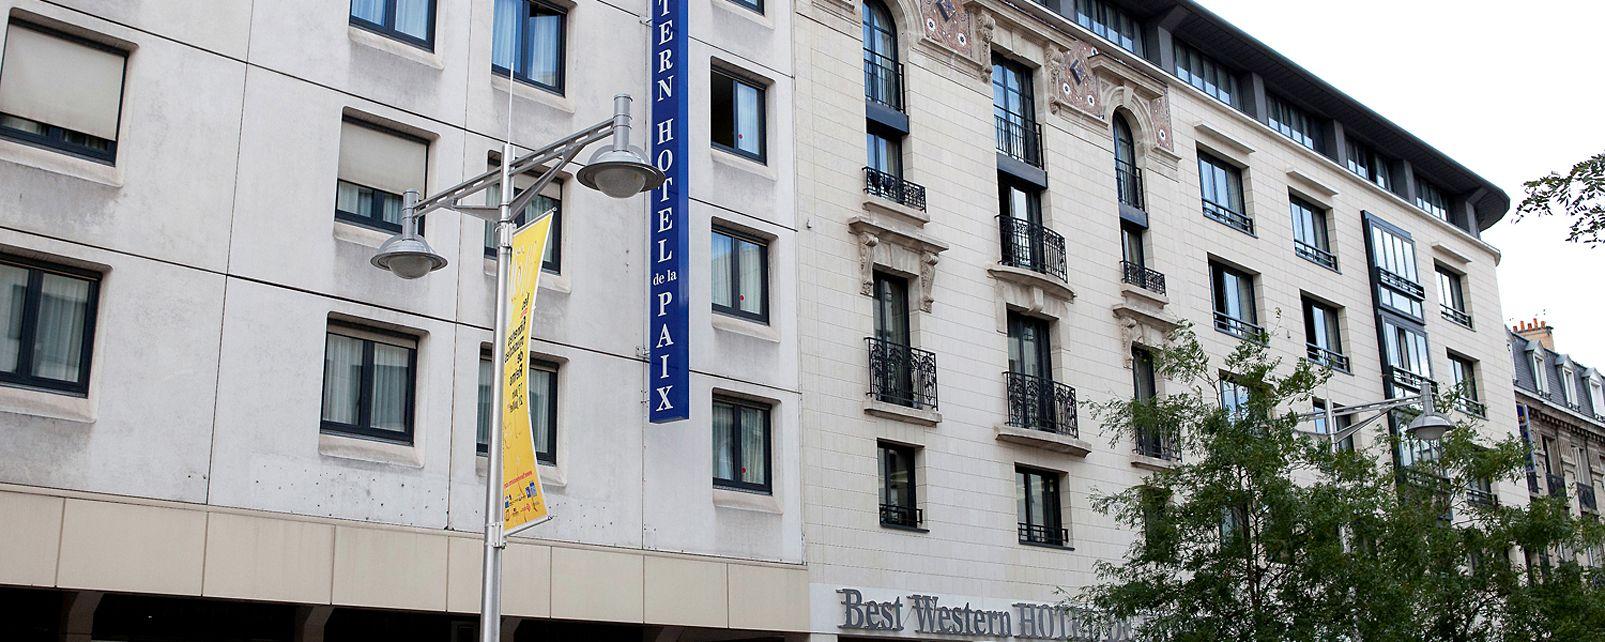 Hôtel Best Western De La Paix